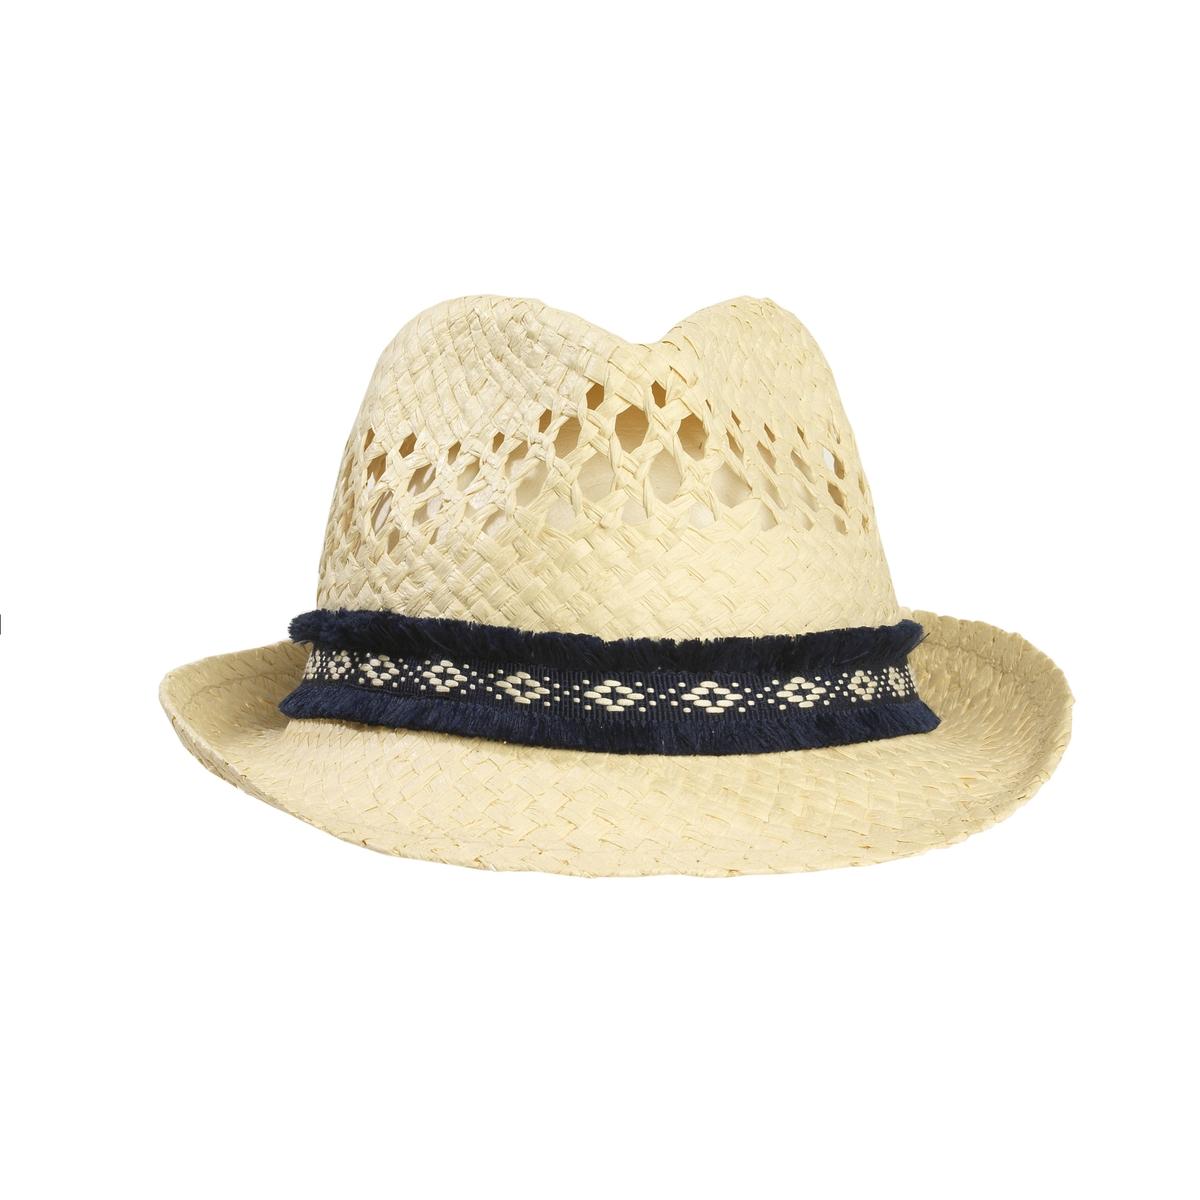 Шляпа-борсалино соломеннаяАжурная шляпа-борсалино из соломы, R Studio.Борсалино возвращается в  этой модели, выполенной из соломы и украшенной галуном  : да здравствует лето! !  Состав и описание :Материал : 100% соломыМарка : R Studio.Размеры  : окружность головы 56 смОтделка галуном .<br><br>Цвет: серо-бежевый